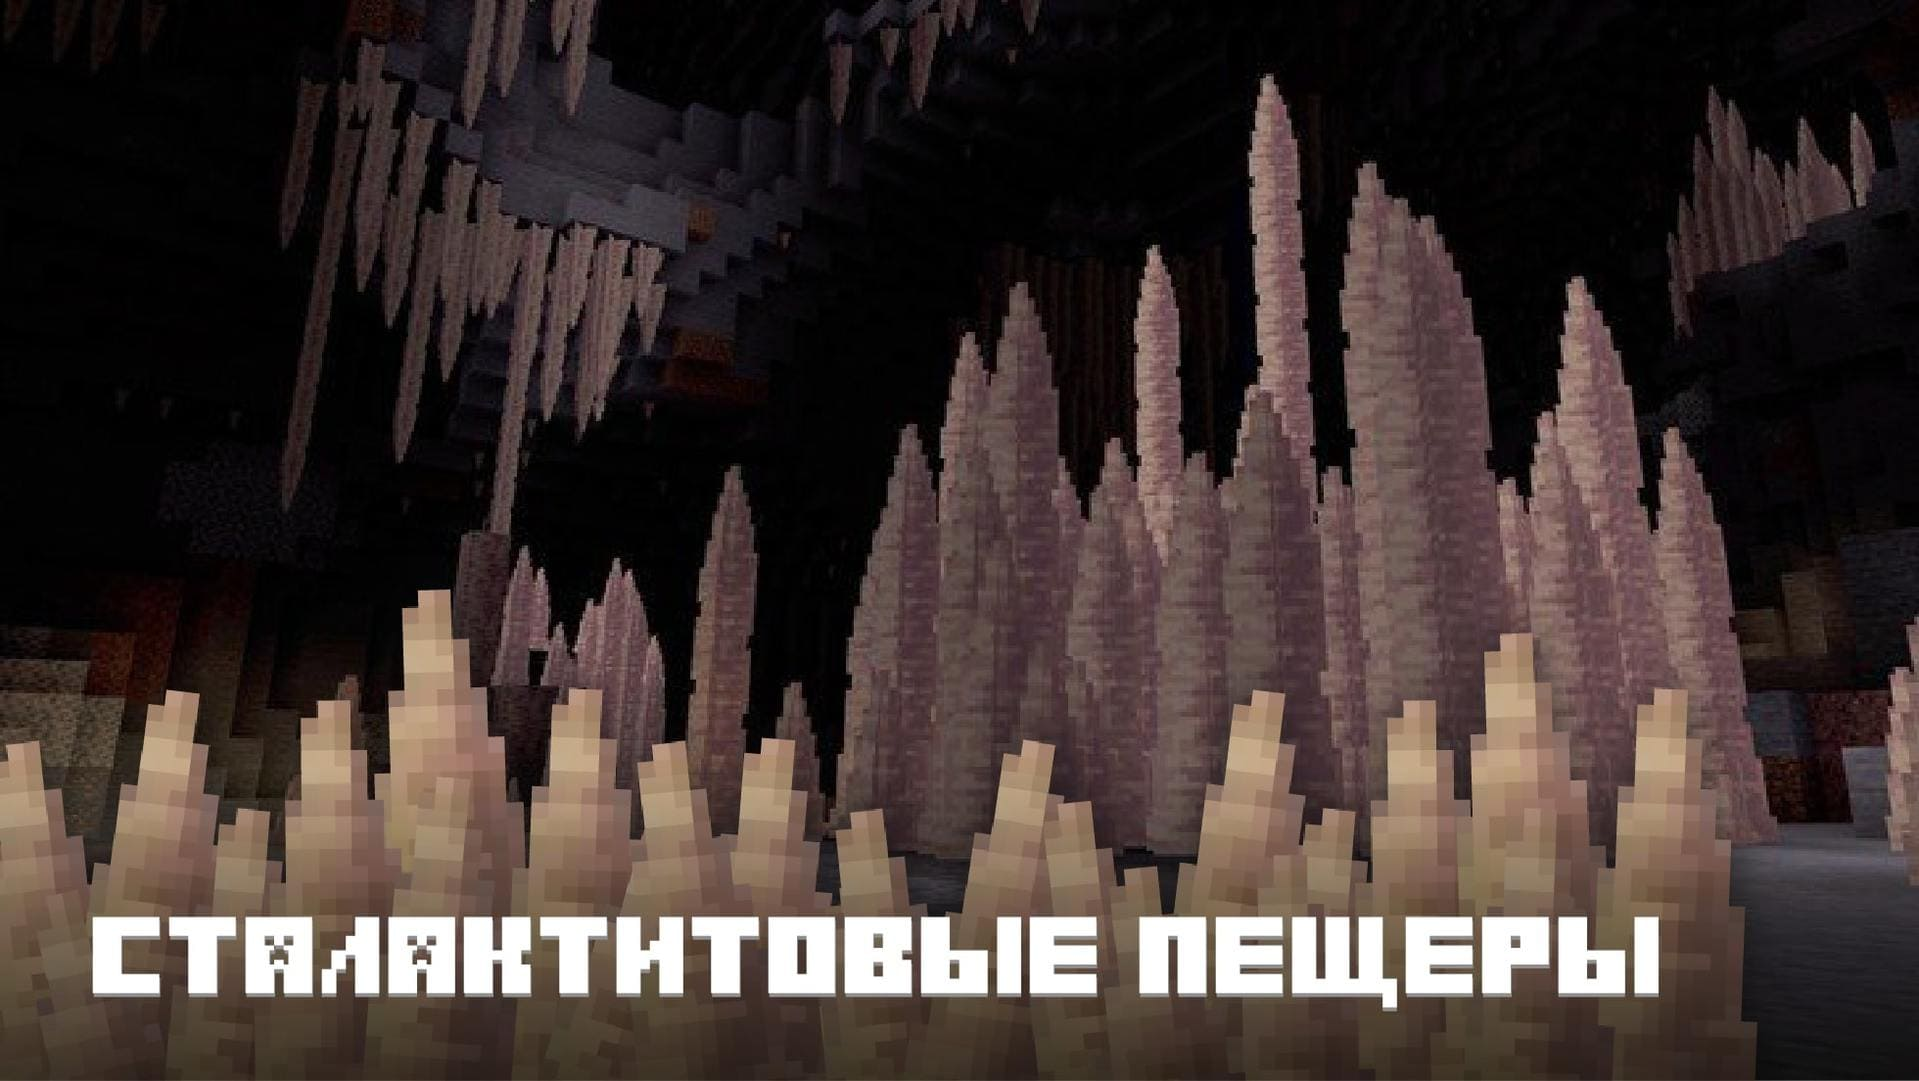 Иллюстрация сталактитовых пещер.